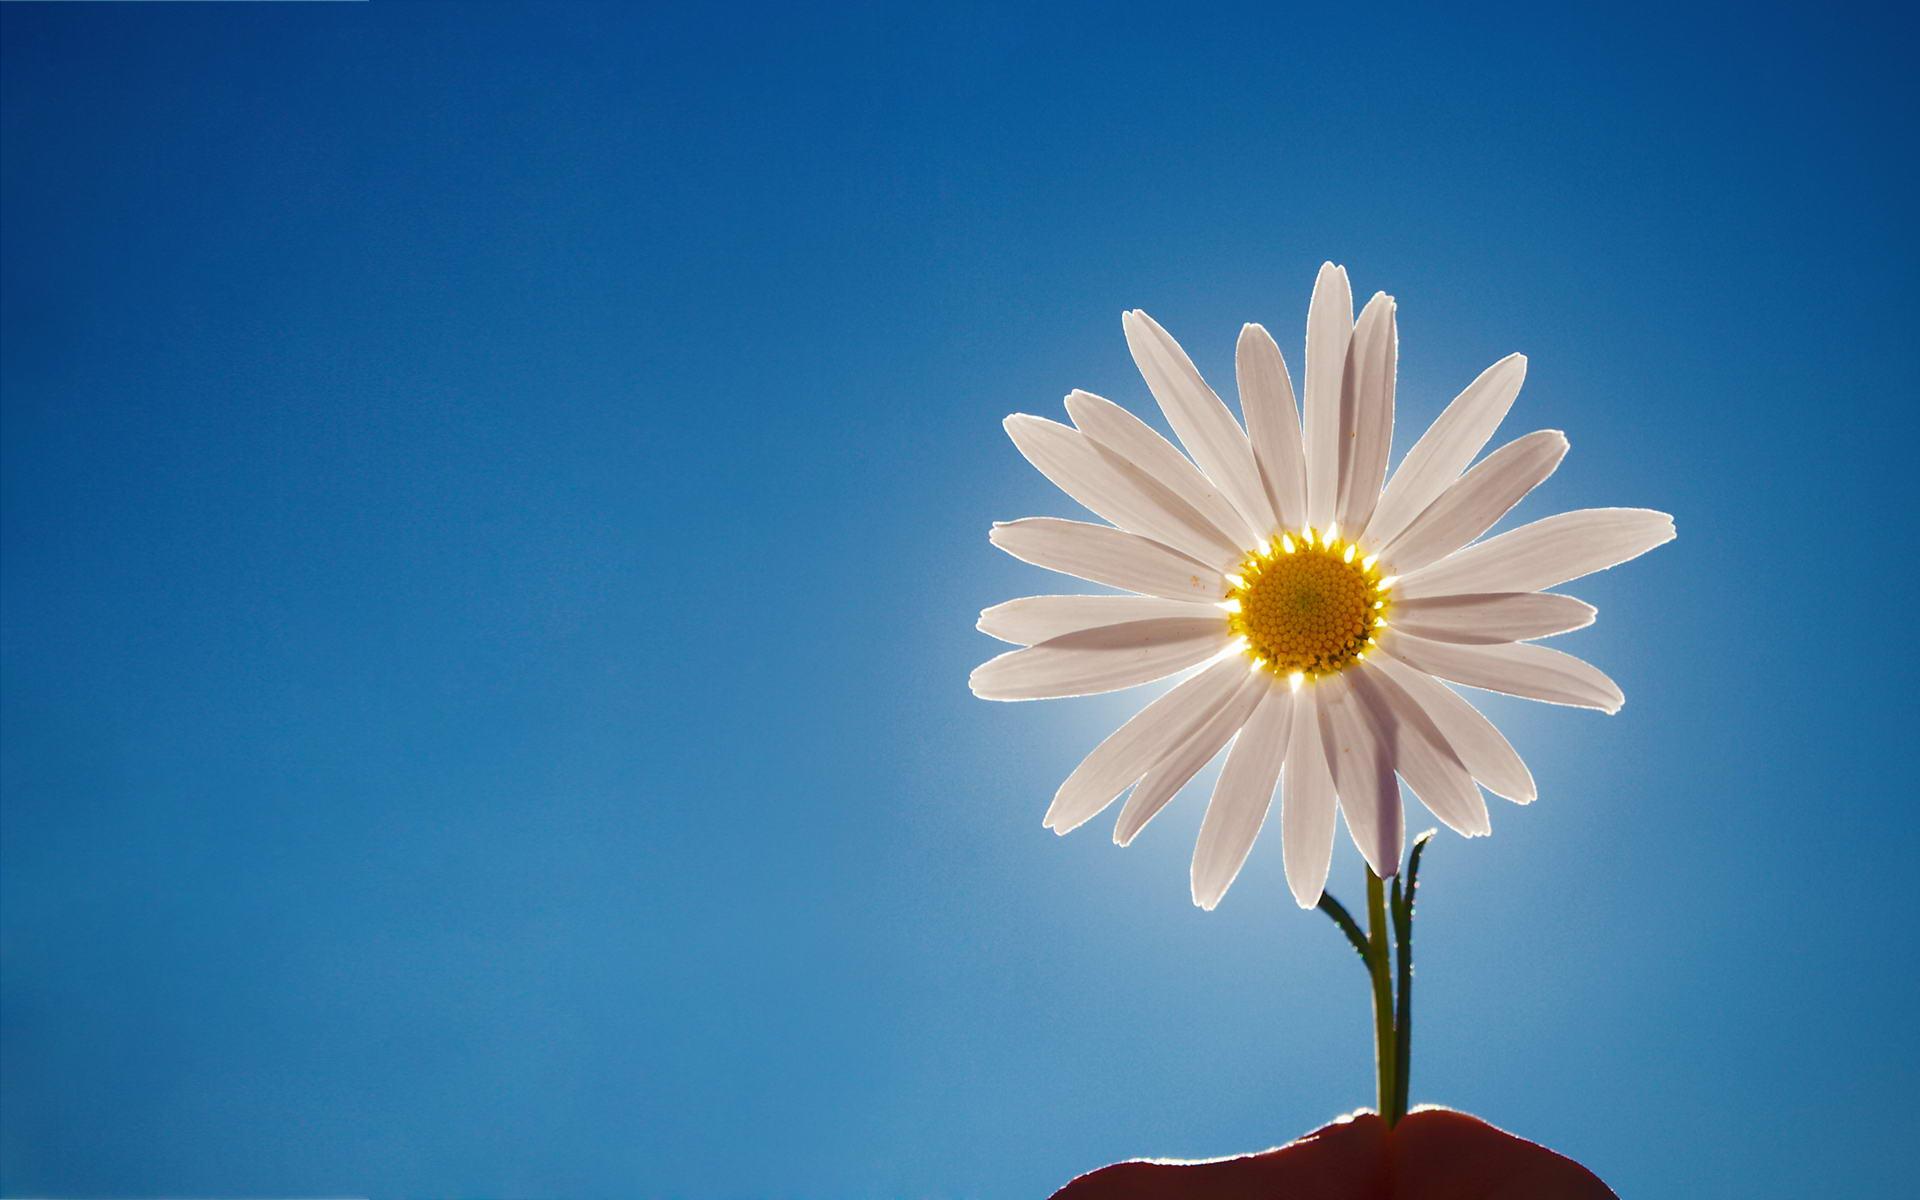 gänseblümchen, daisy